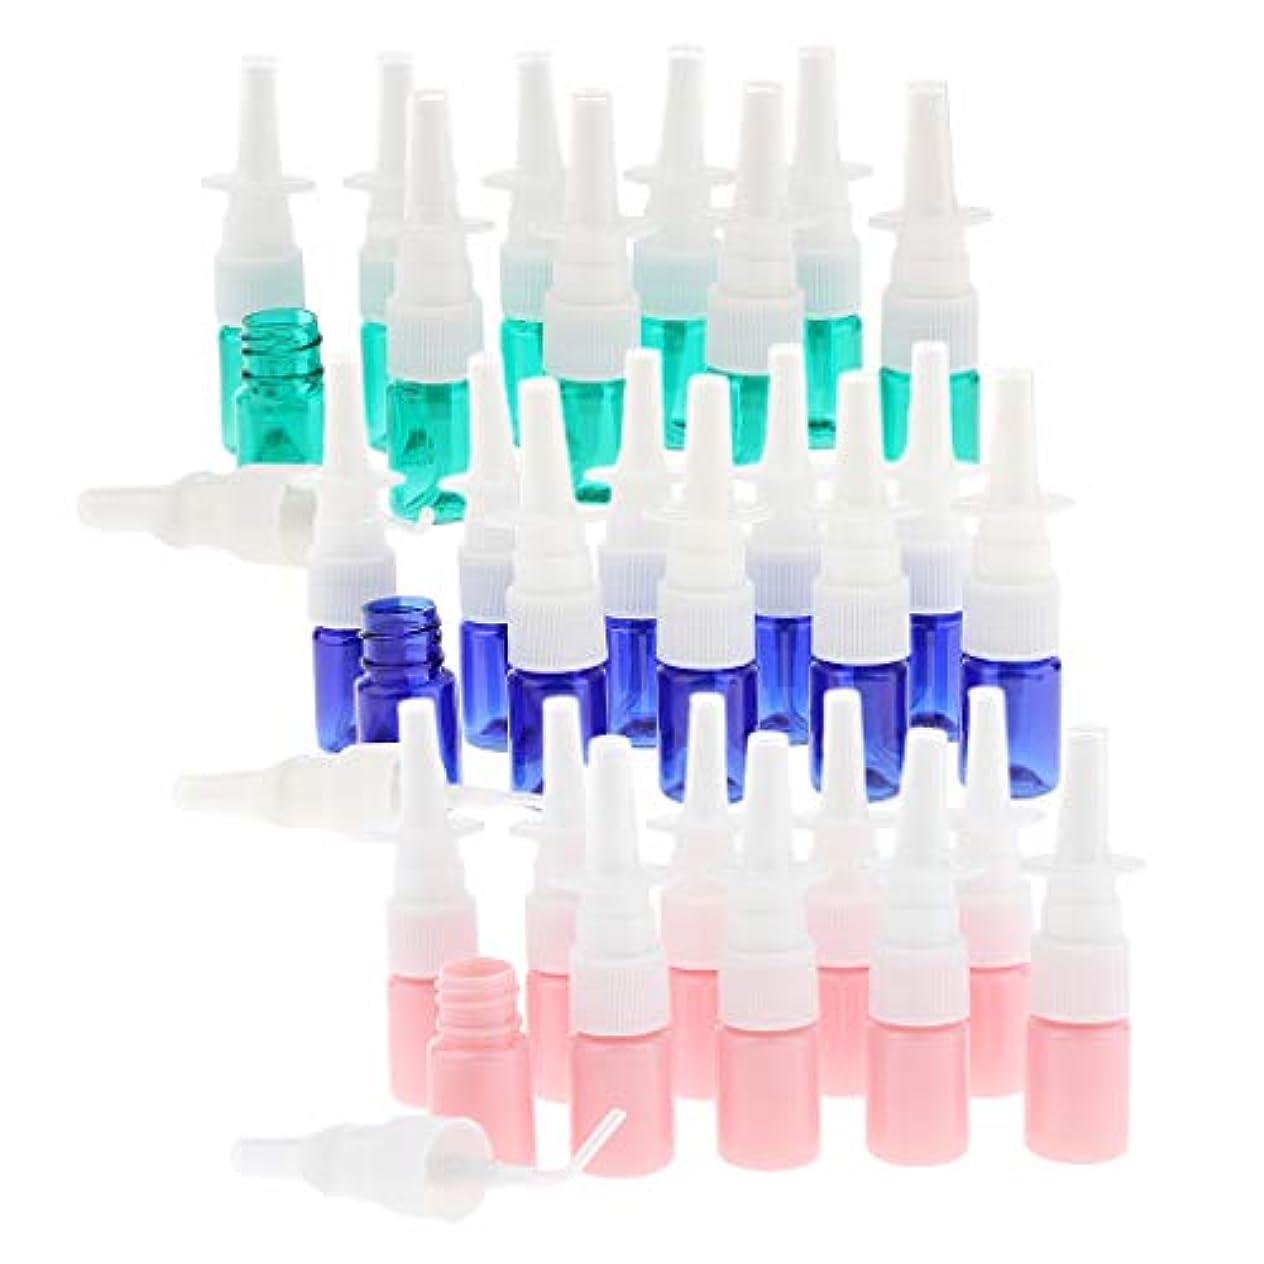 カスタム彼女自身広々5ml 点鼻スプレーボトル 空容器 プラスチック製 液体 化粧水 詰め替え 約30個入